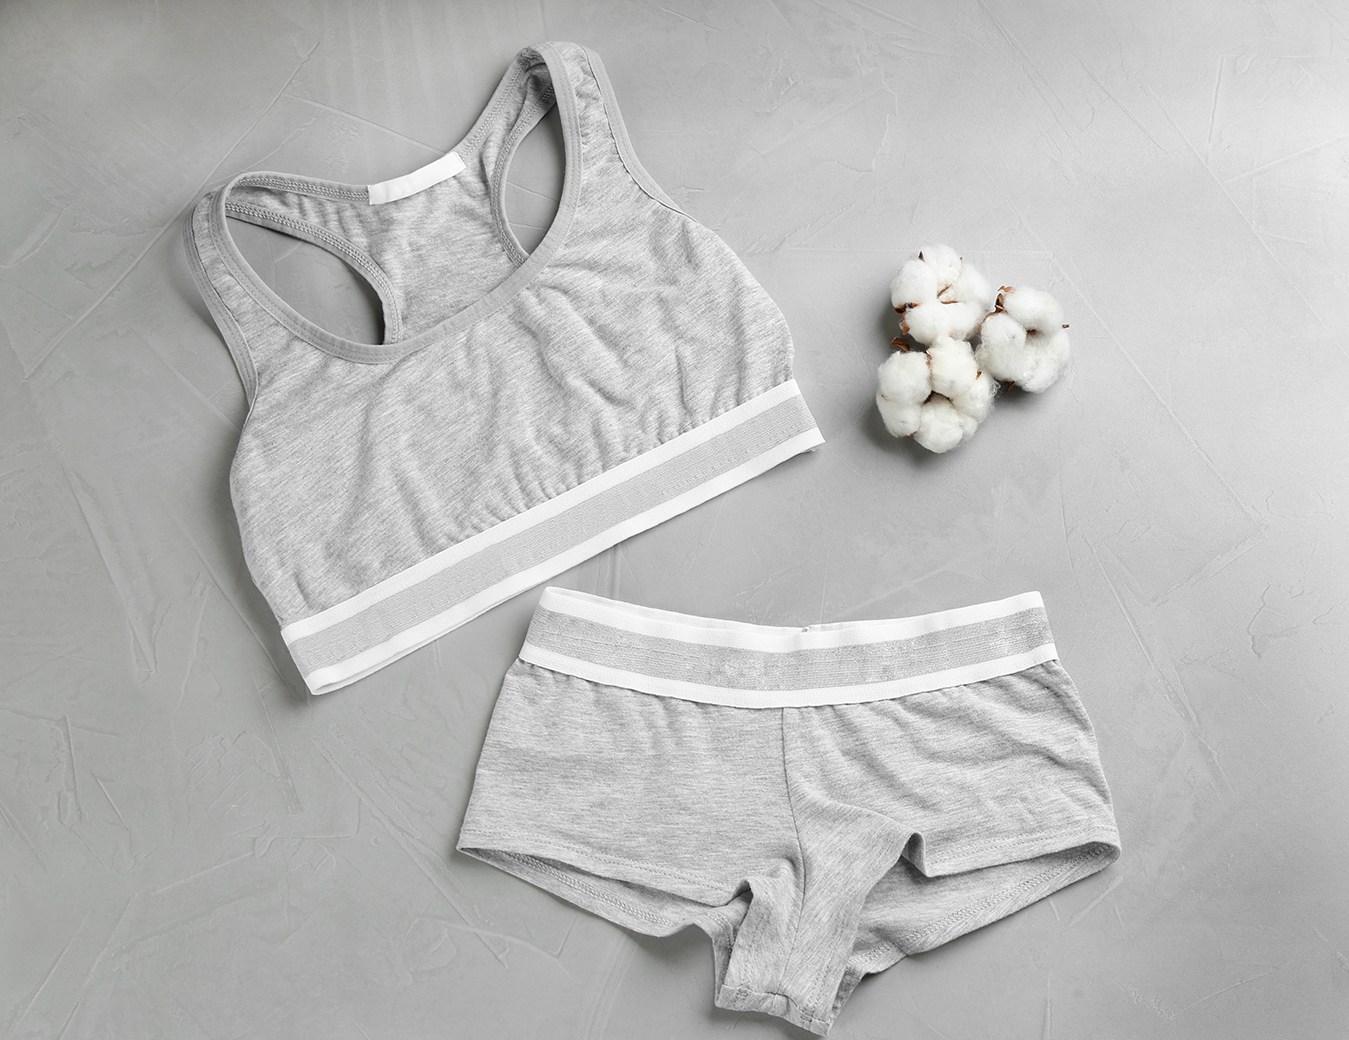 cotton underwear for women3